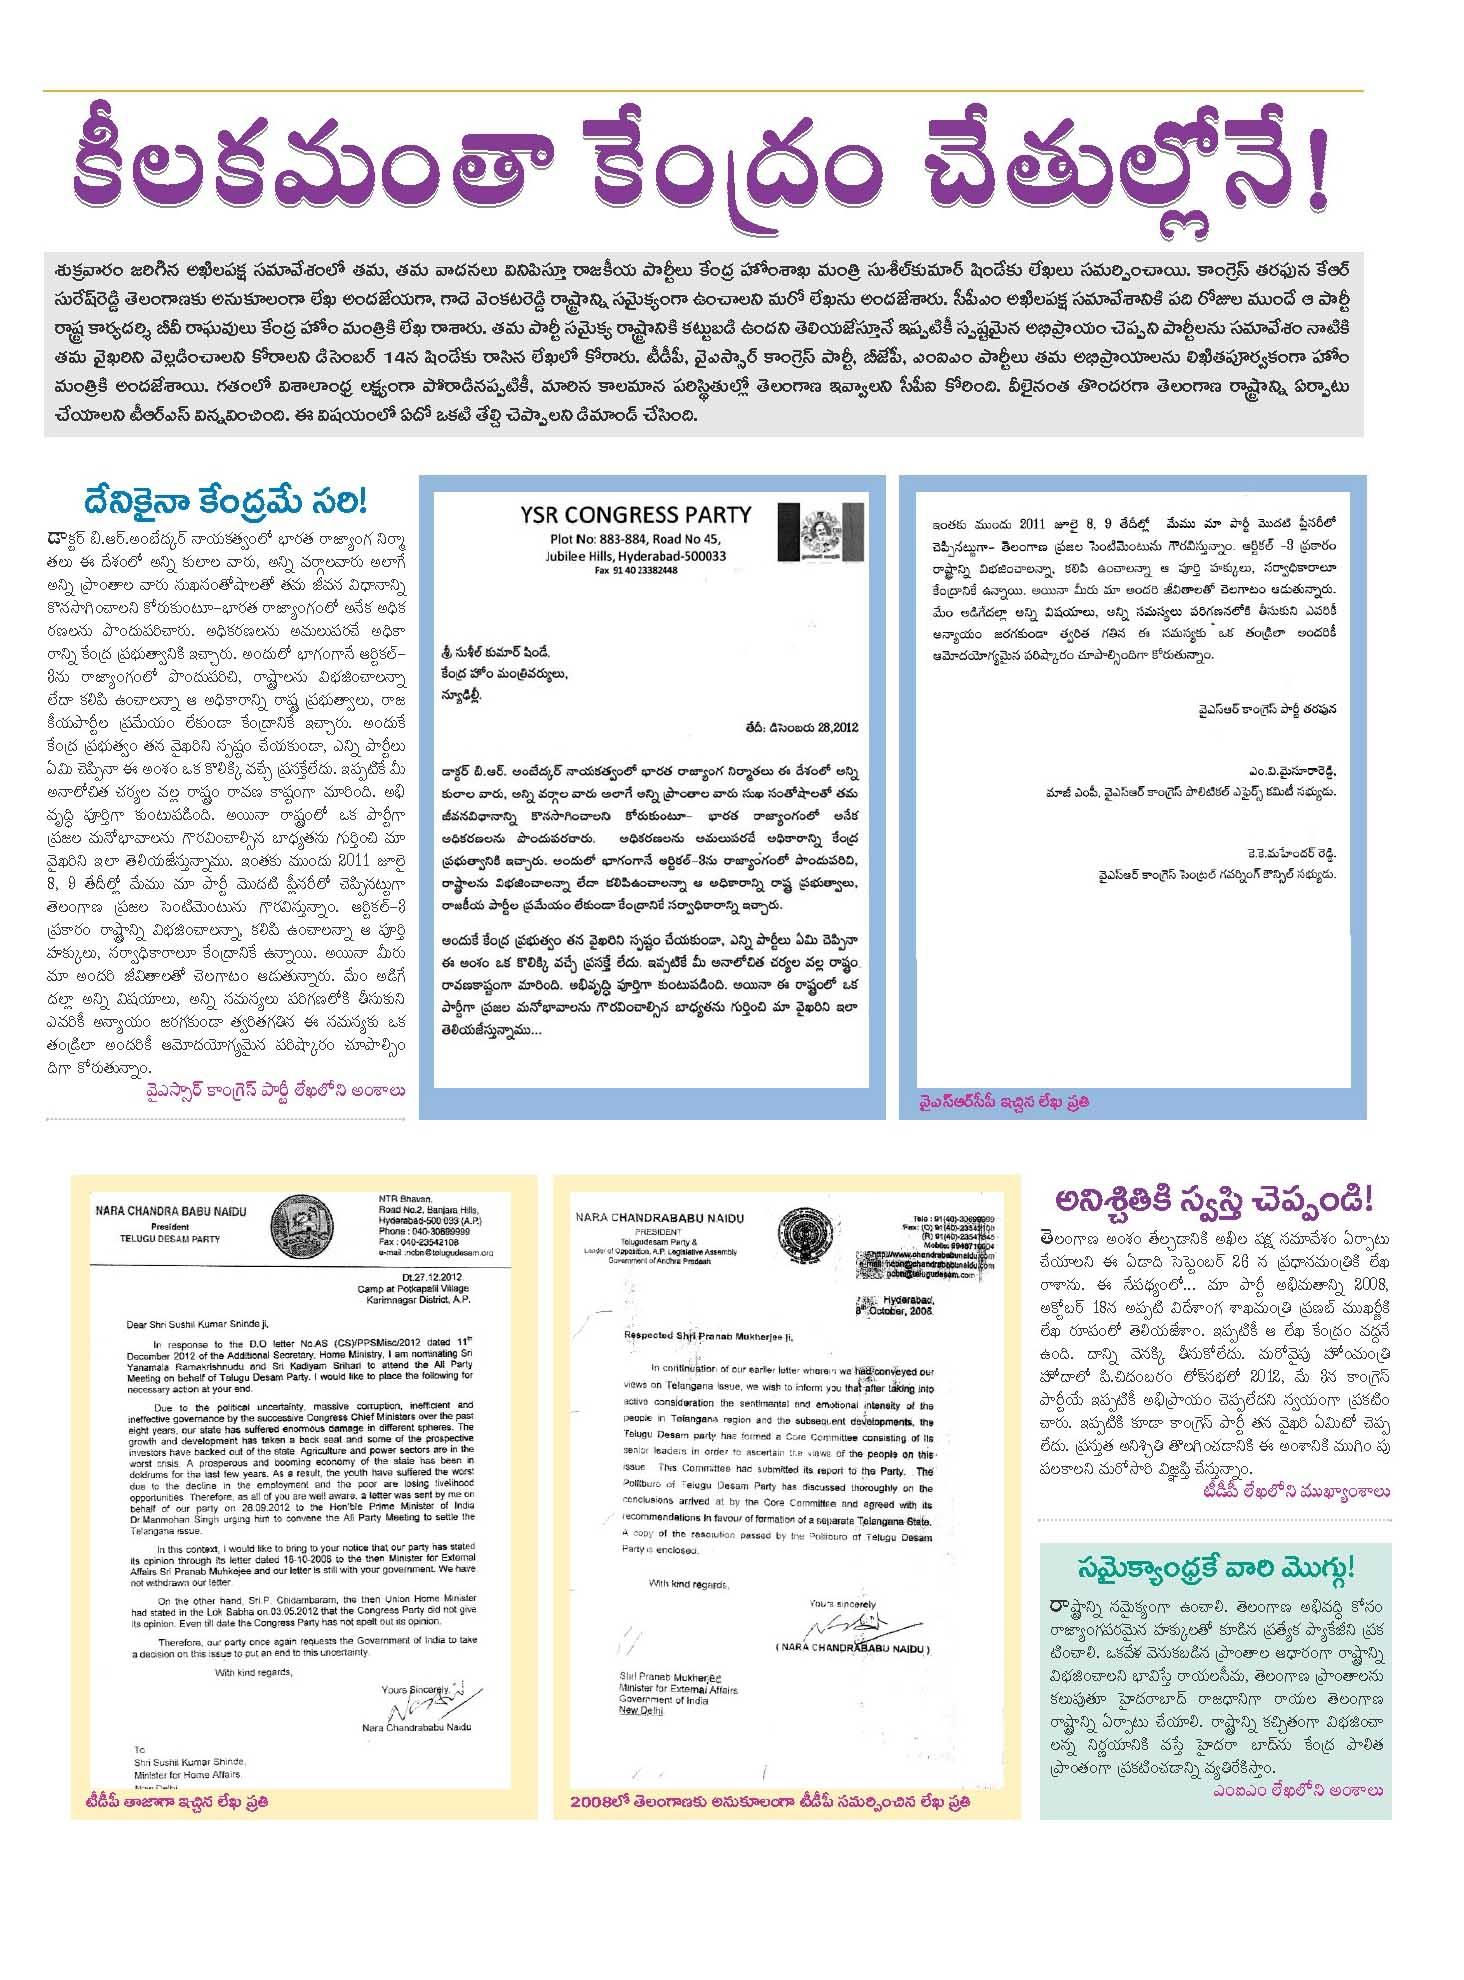 30-12-12 Sakshi Akhilapaksham - YSRCP, TDP, MIM Letters